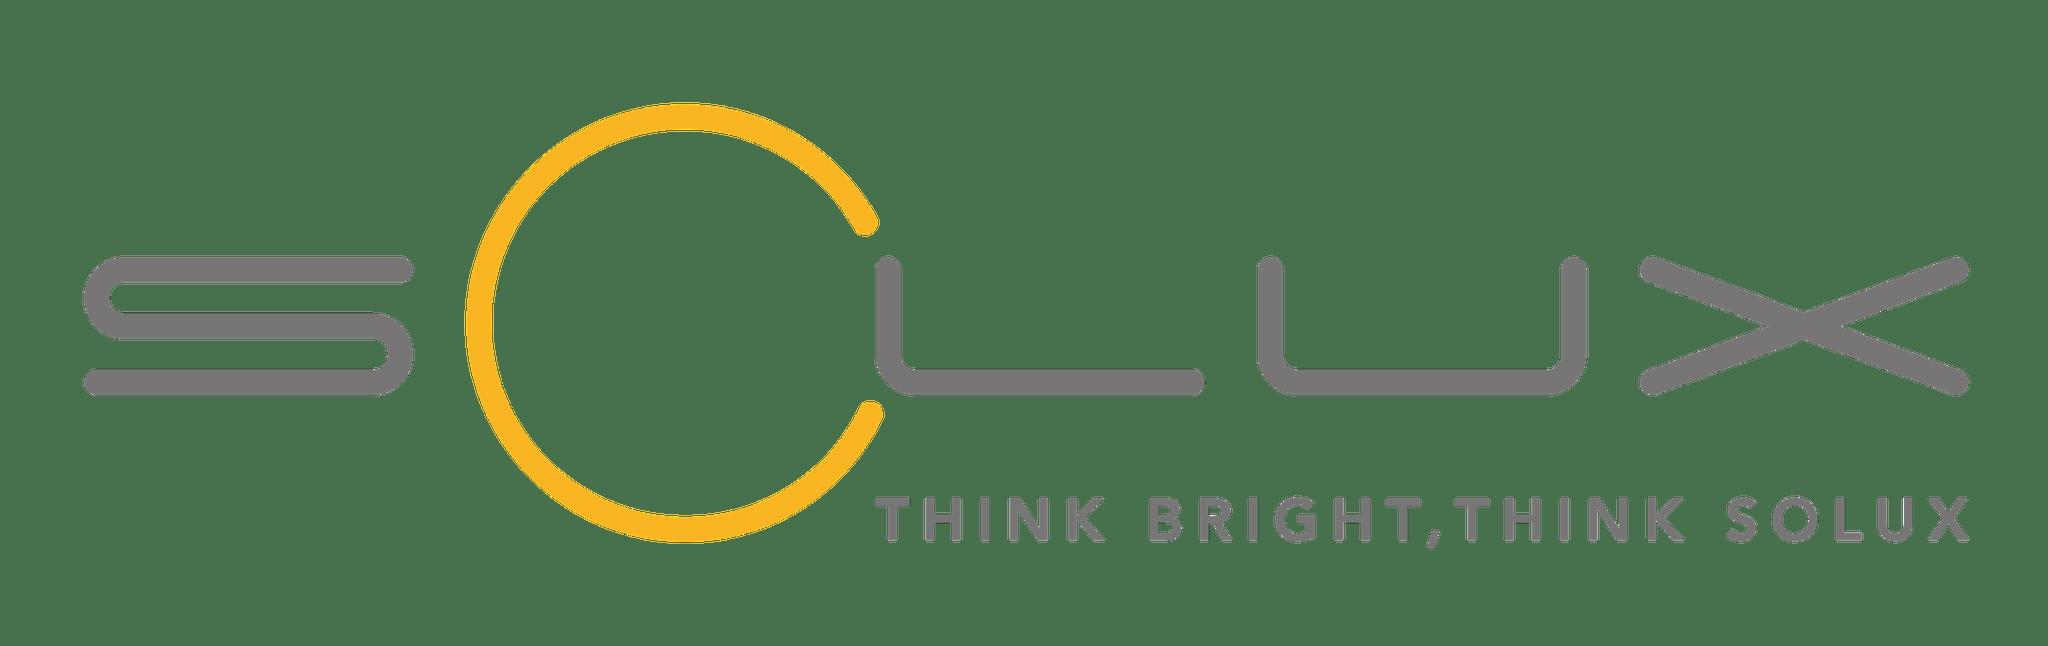 CHANGZHOU SOLUX TECHNOLOGY CO.,LTD